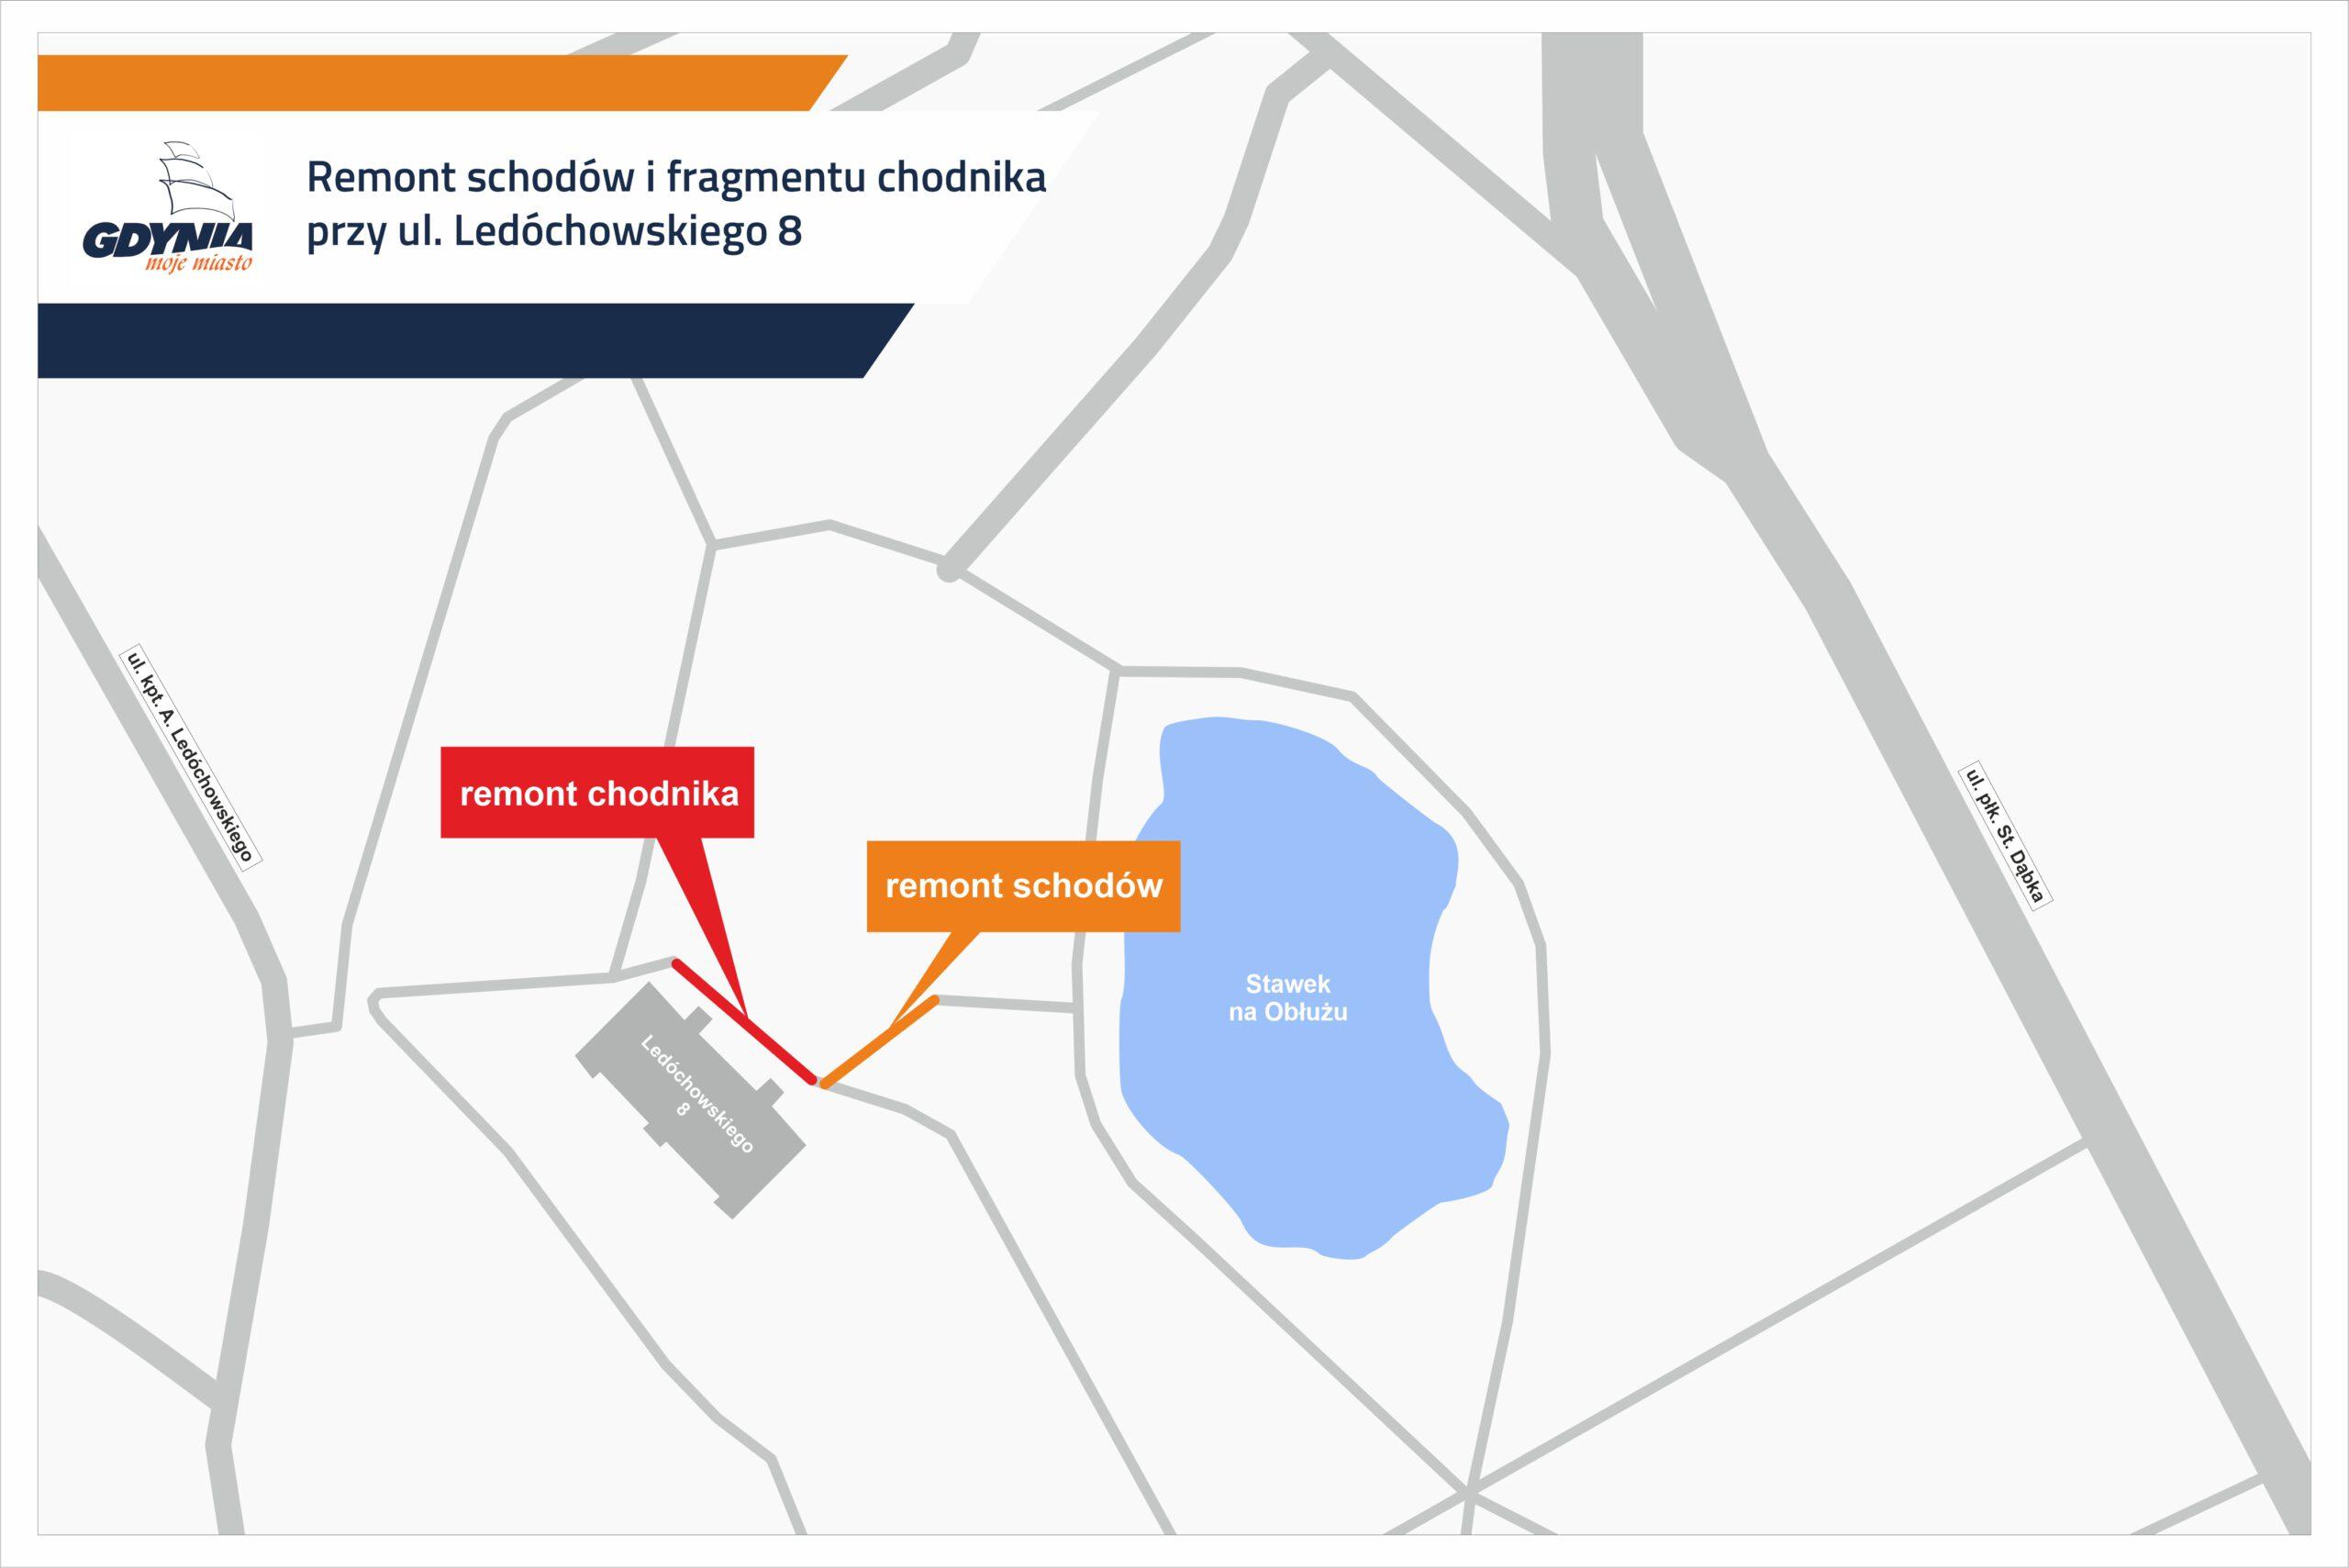 Mapka pokazująca odcinki remontowanych schodów i chodnika// mat.pras. #dzielnicewGdyni